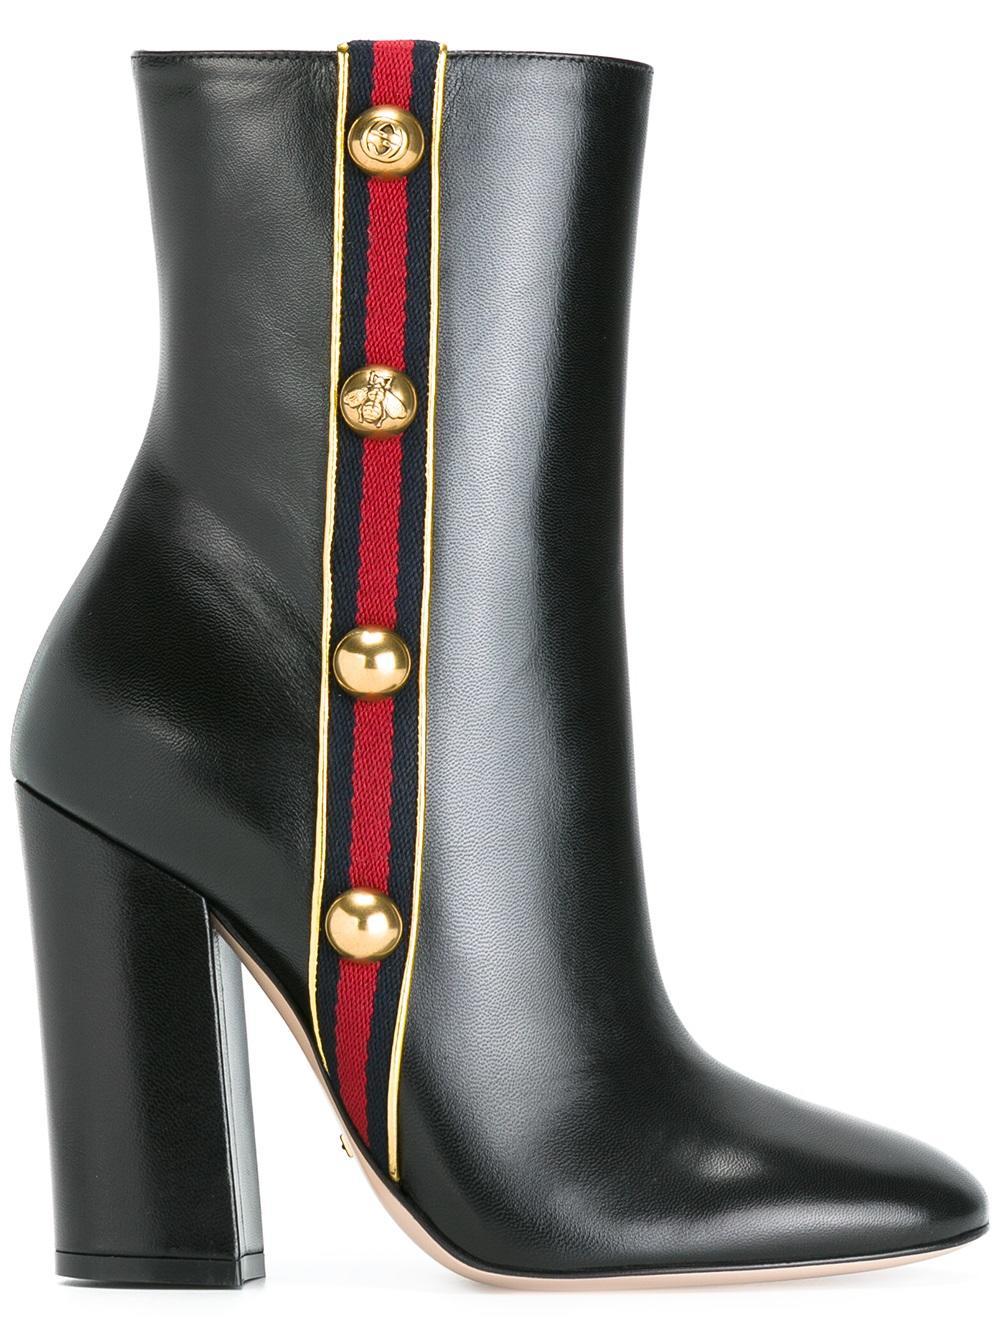 abf81a66fcdb boots gucci femme